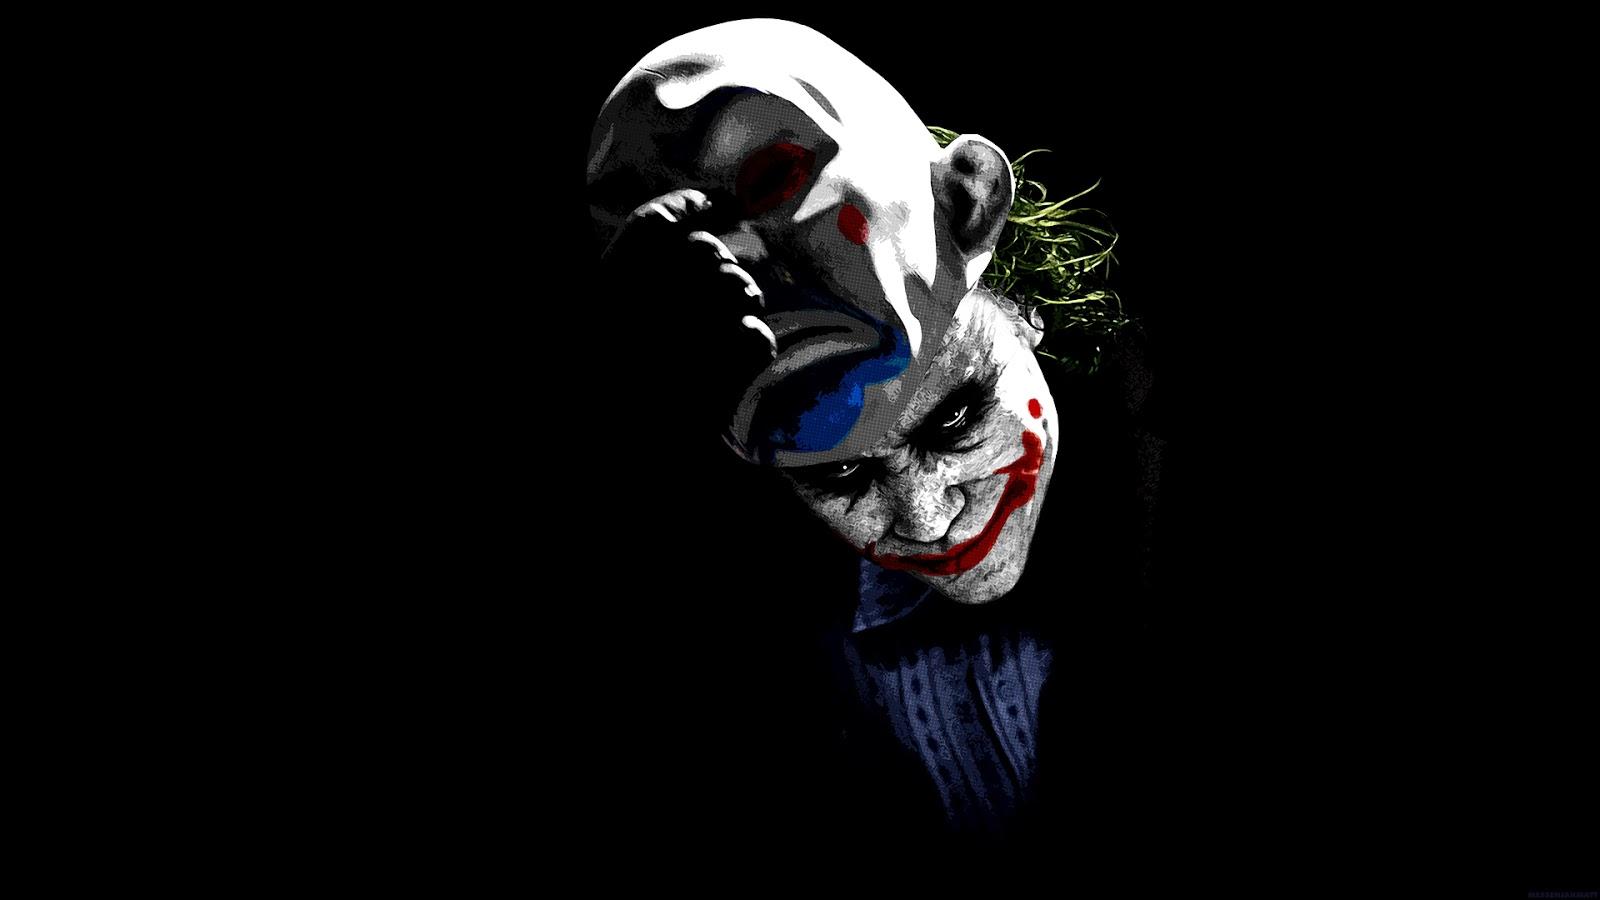 joker wallpaper download joker pictures 1600x900